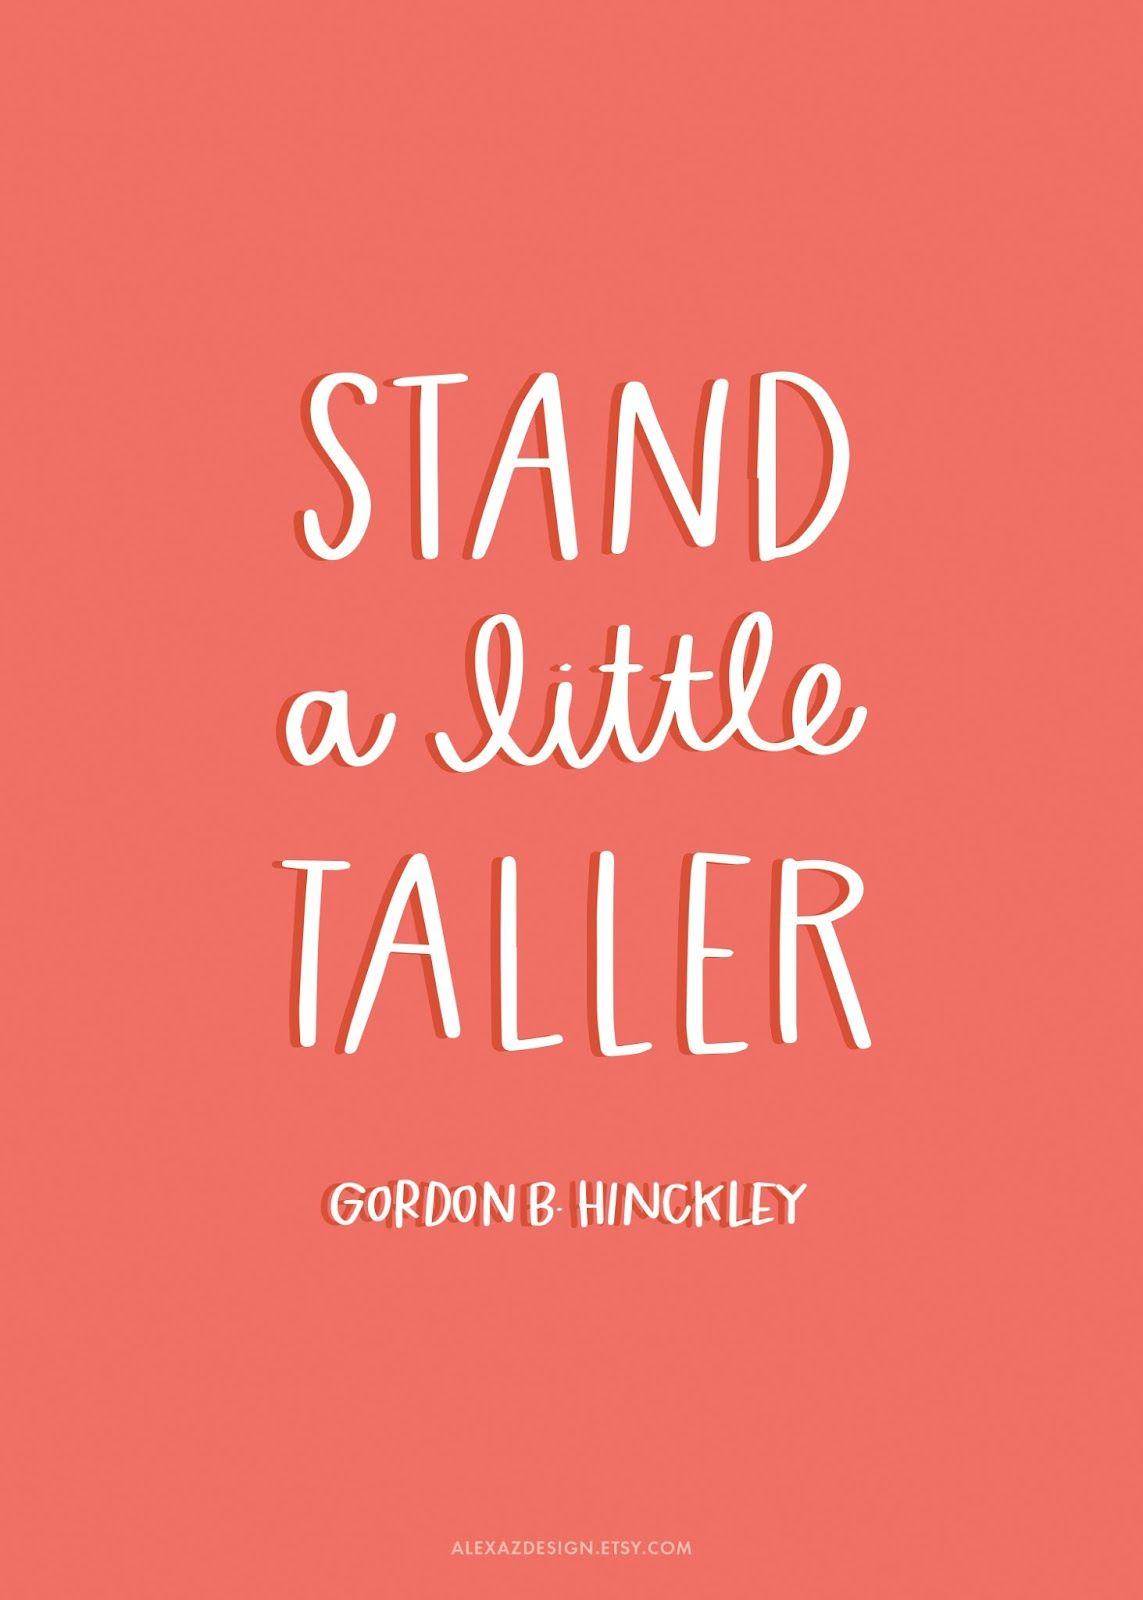 Gordon B Hinckley Quotes Printable Relief Society Handouts  Gordon Bhinckley Quotes  He